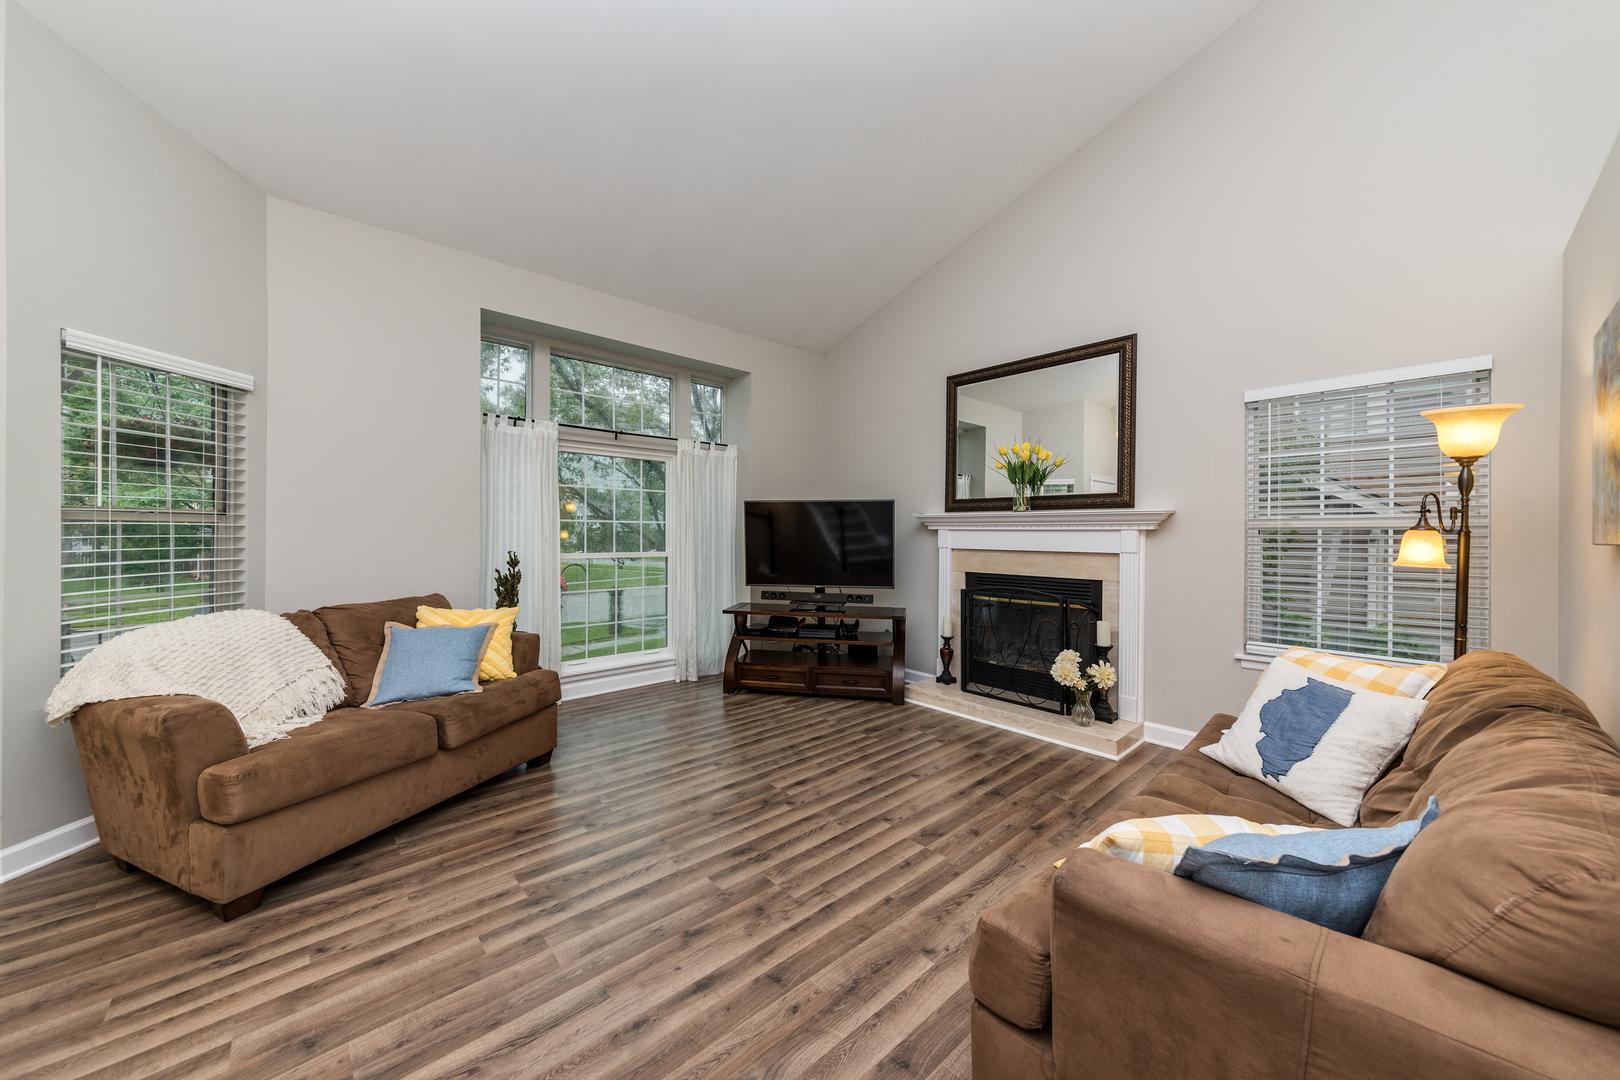 3600 Fairfax E., AURORA, Illinois, 60504